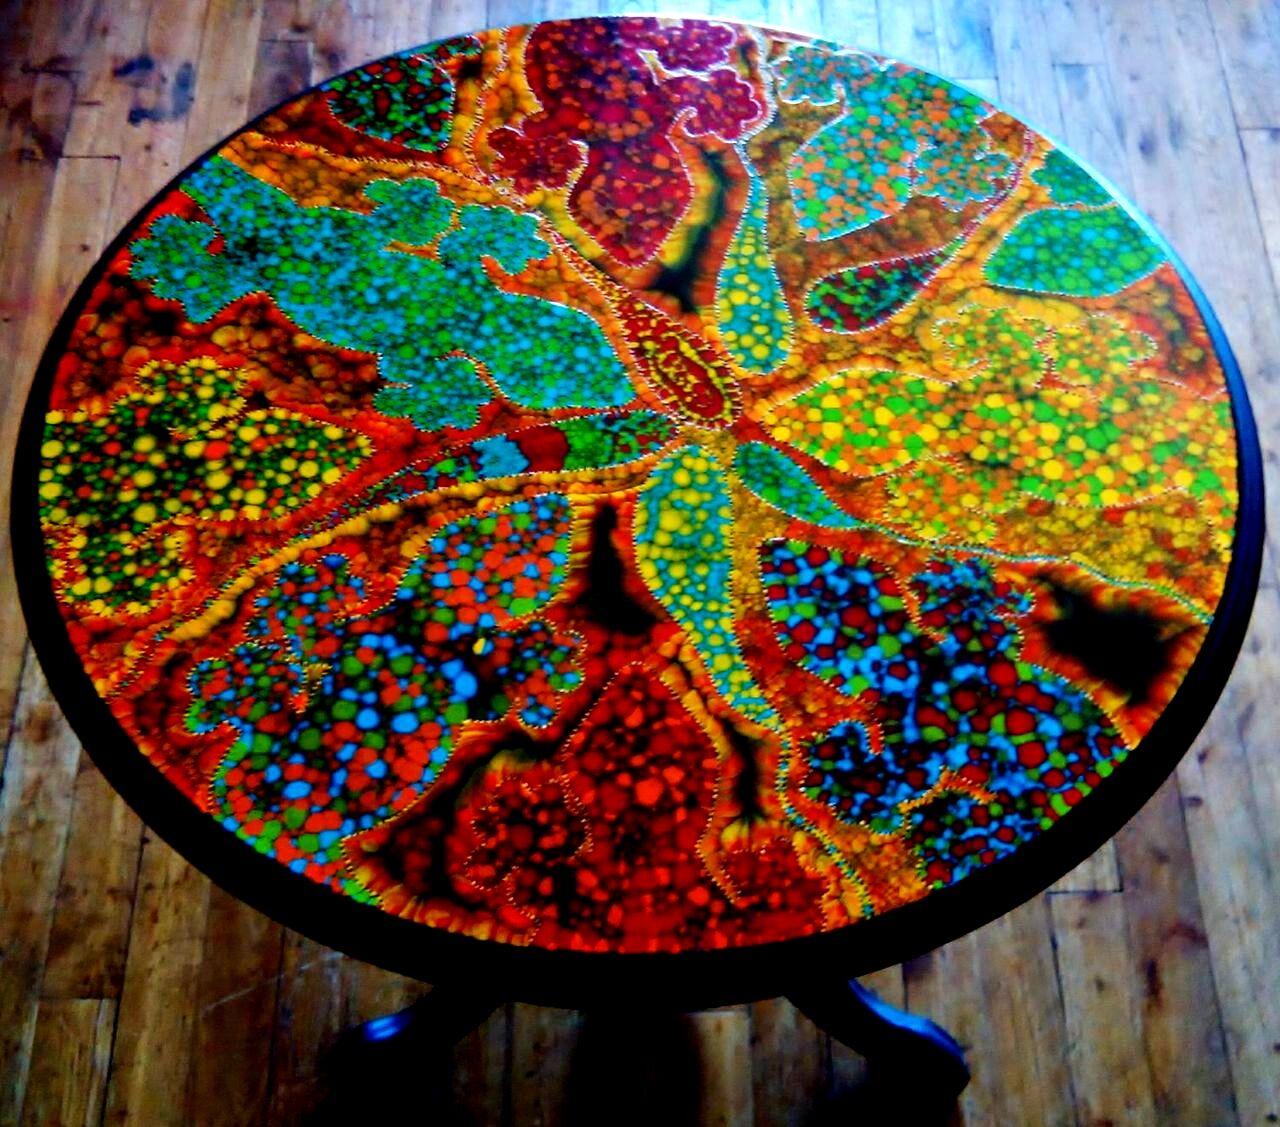 chris christopher Table de salon....diam x60cm (non disponible)